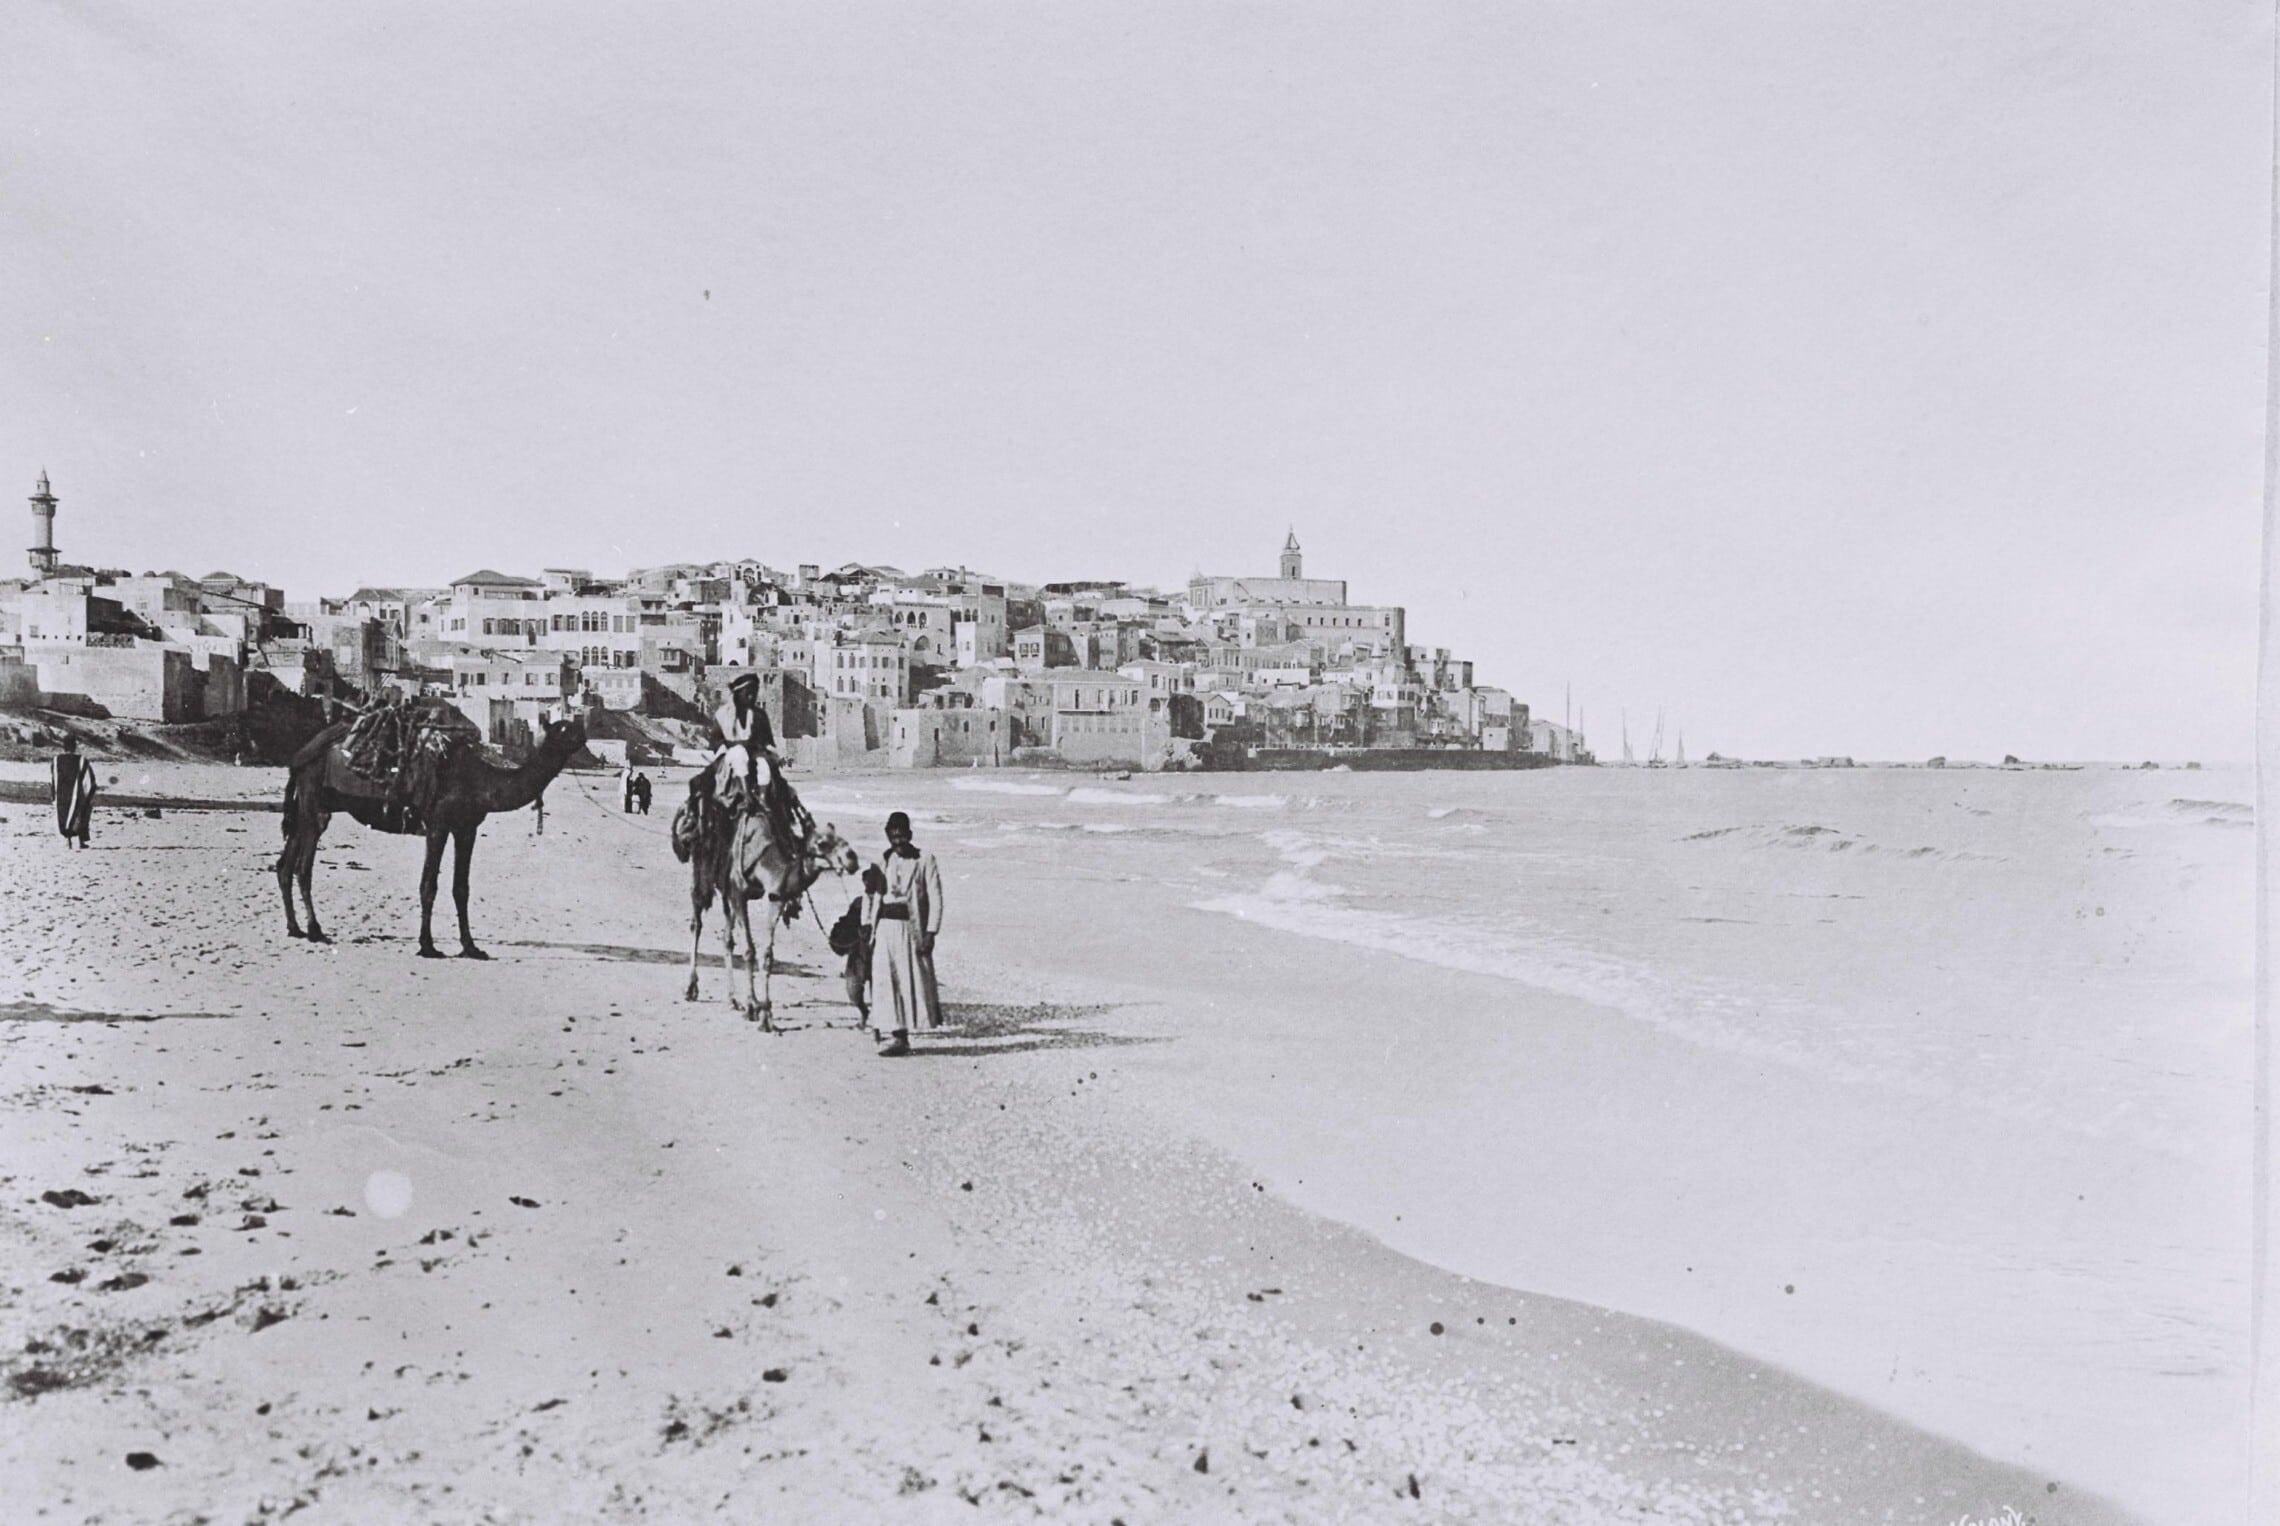 ערבים ביפו, 1920 (צילום: אמריקן קולוני)